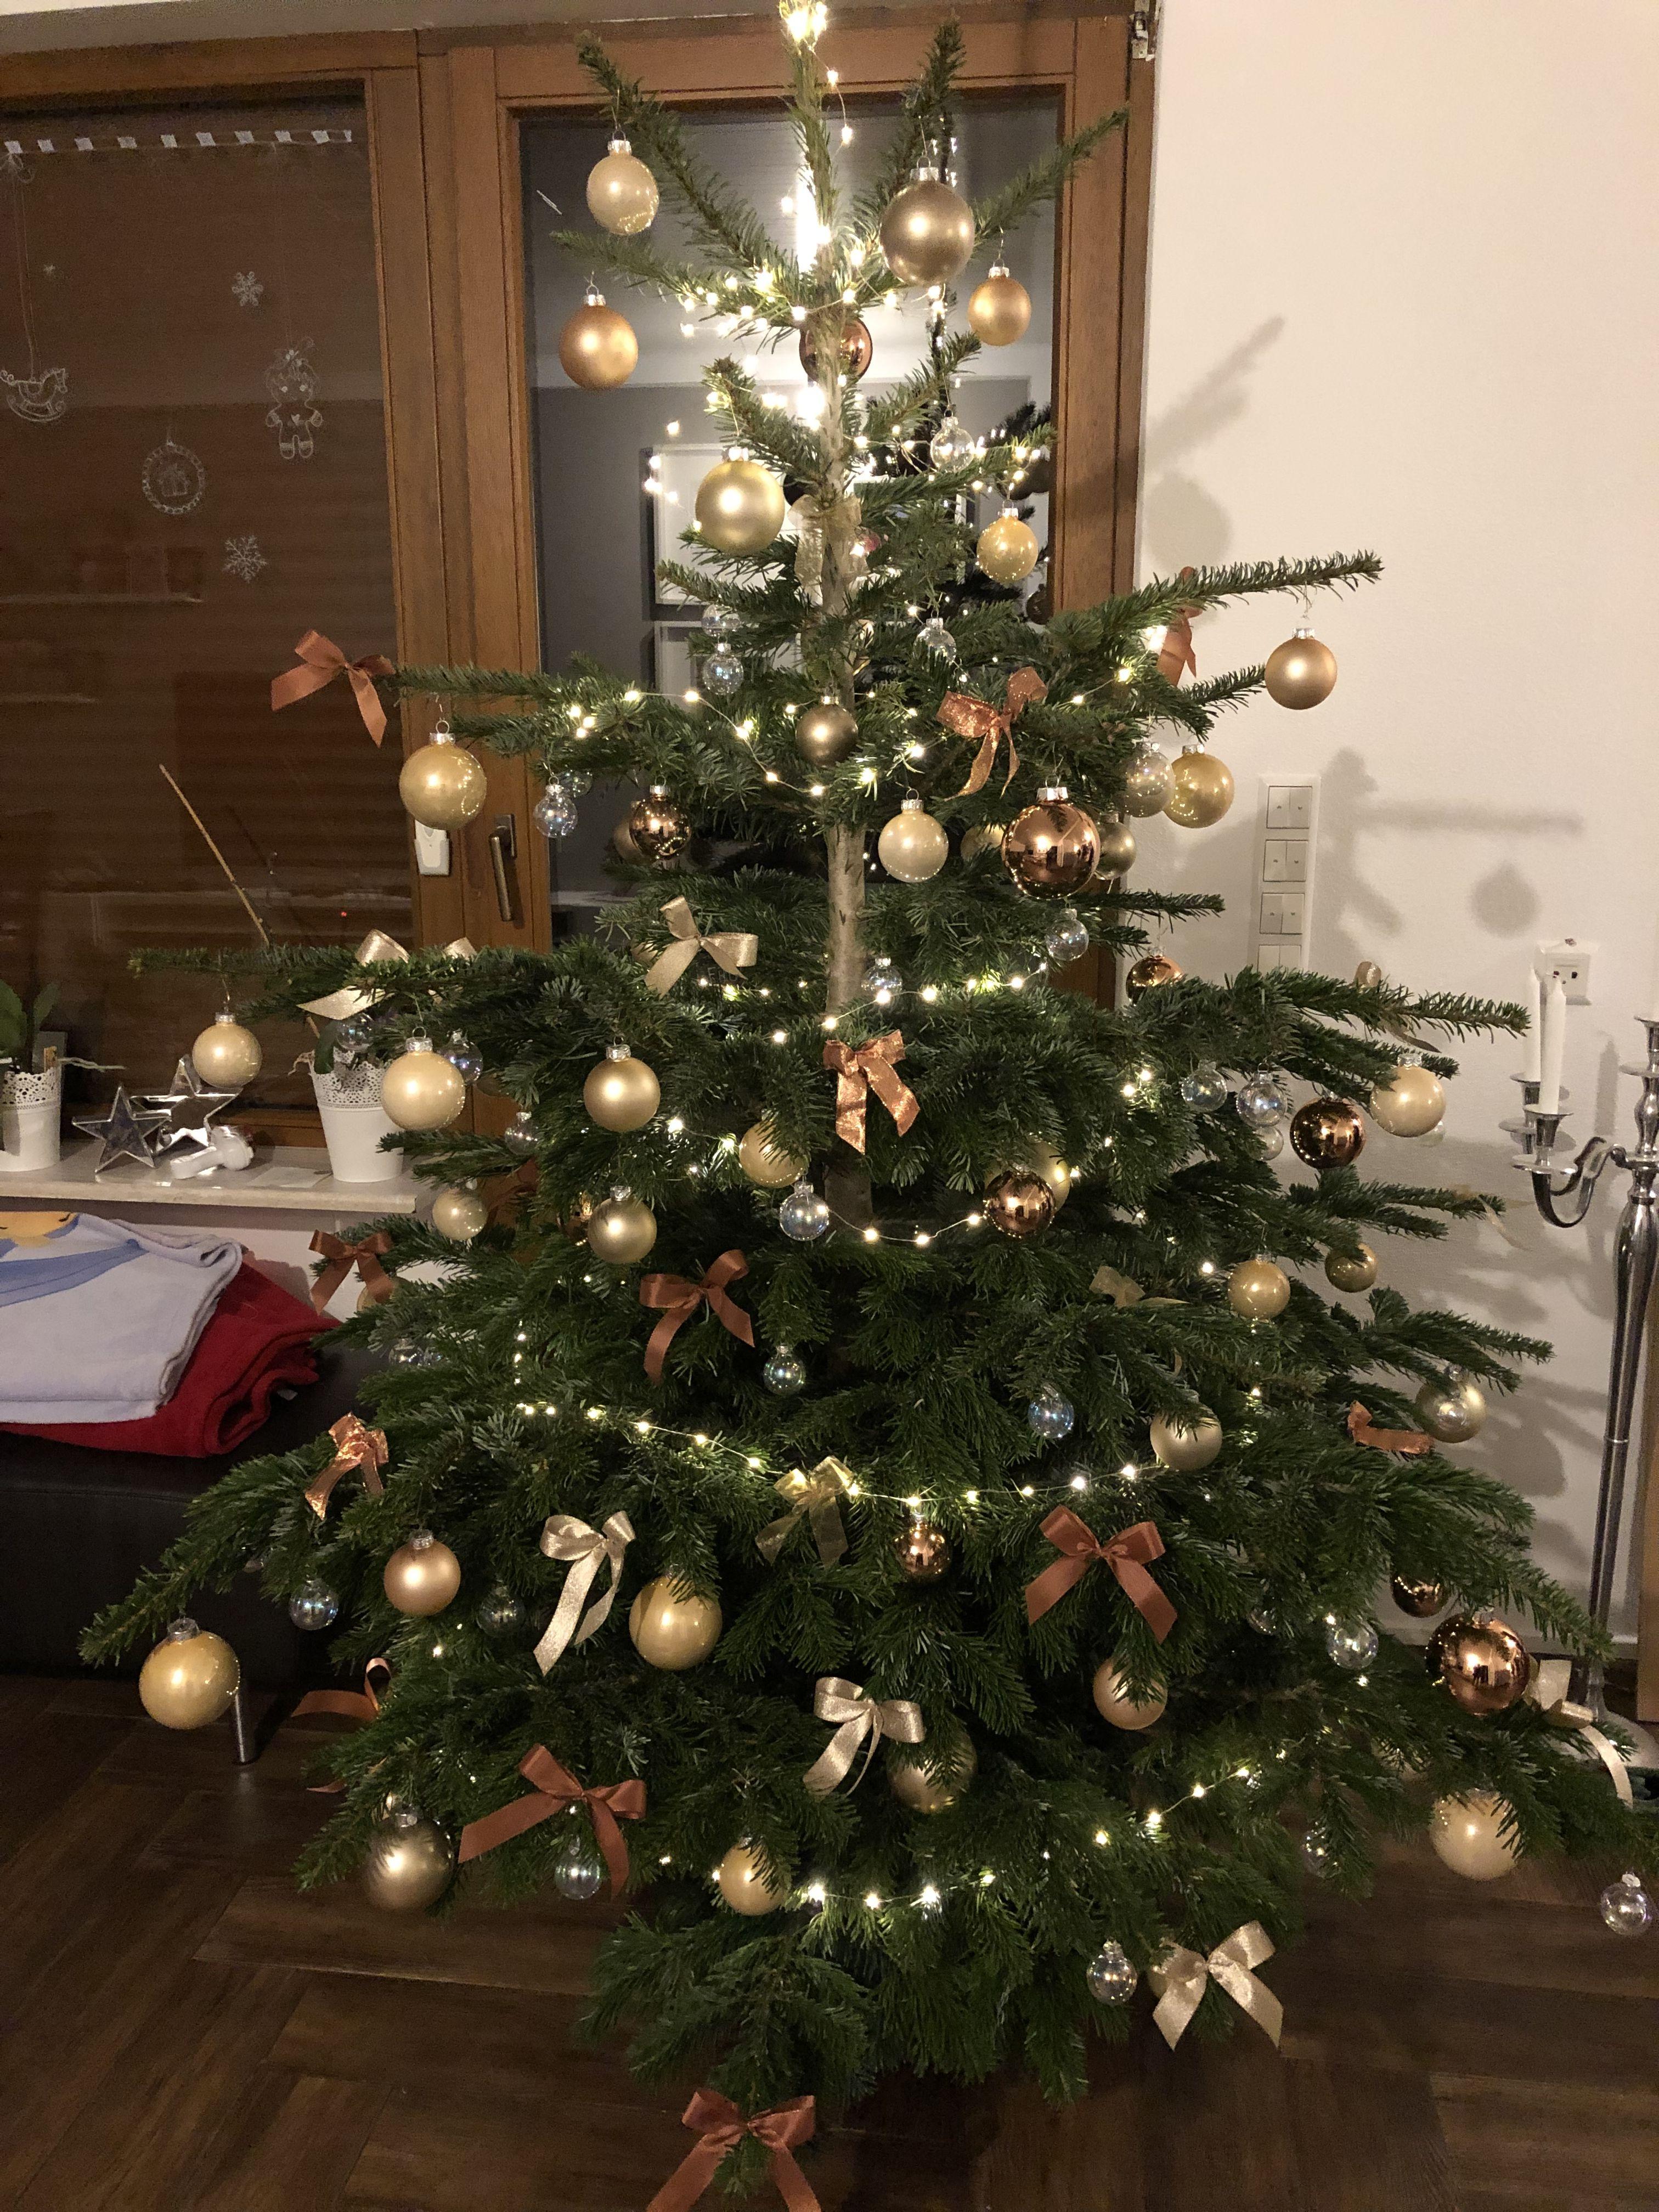 Schleifen Weihnachtsbaum.Weihnachtsbaum Kupfer Rosegold Mit Schleifen Weihnachten